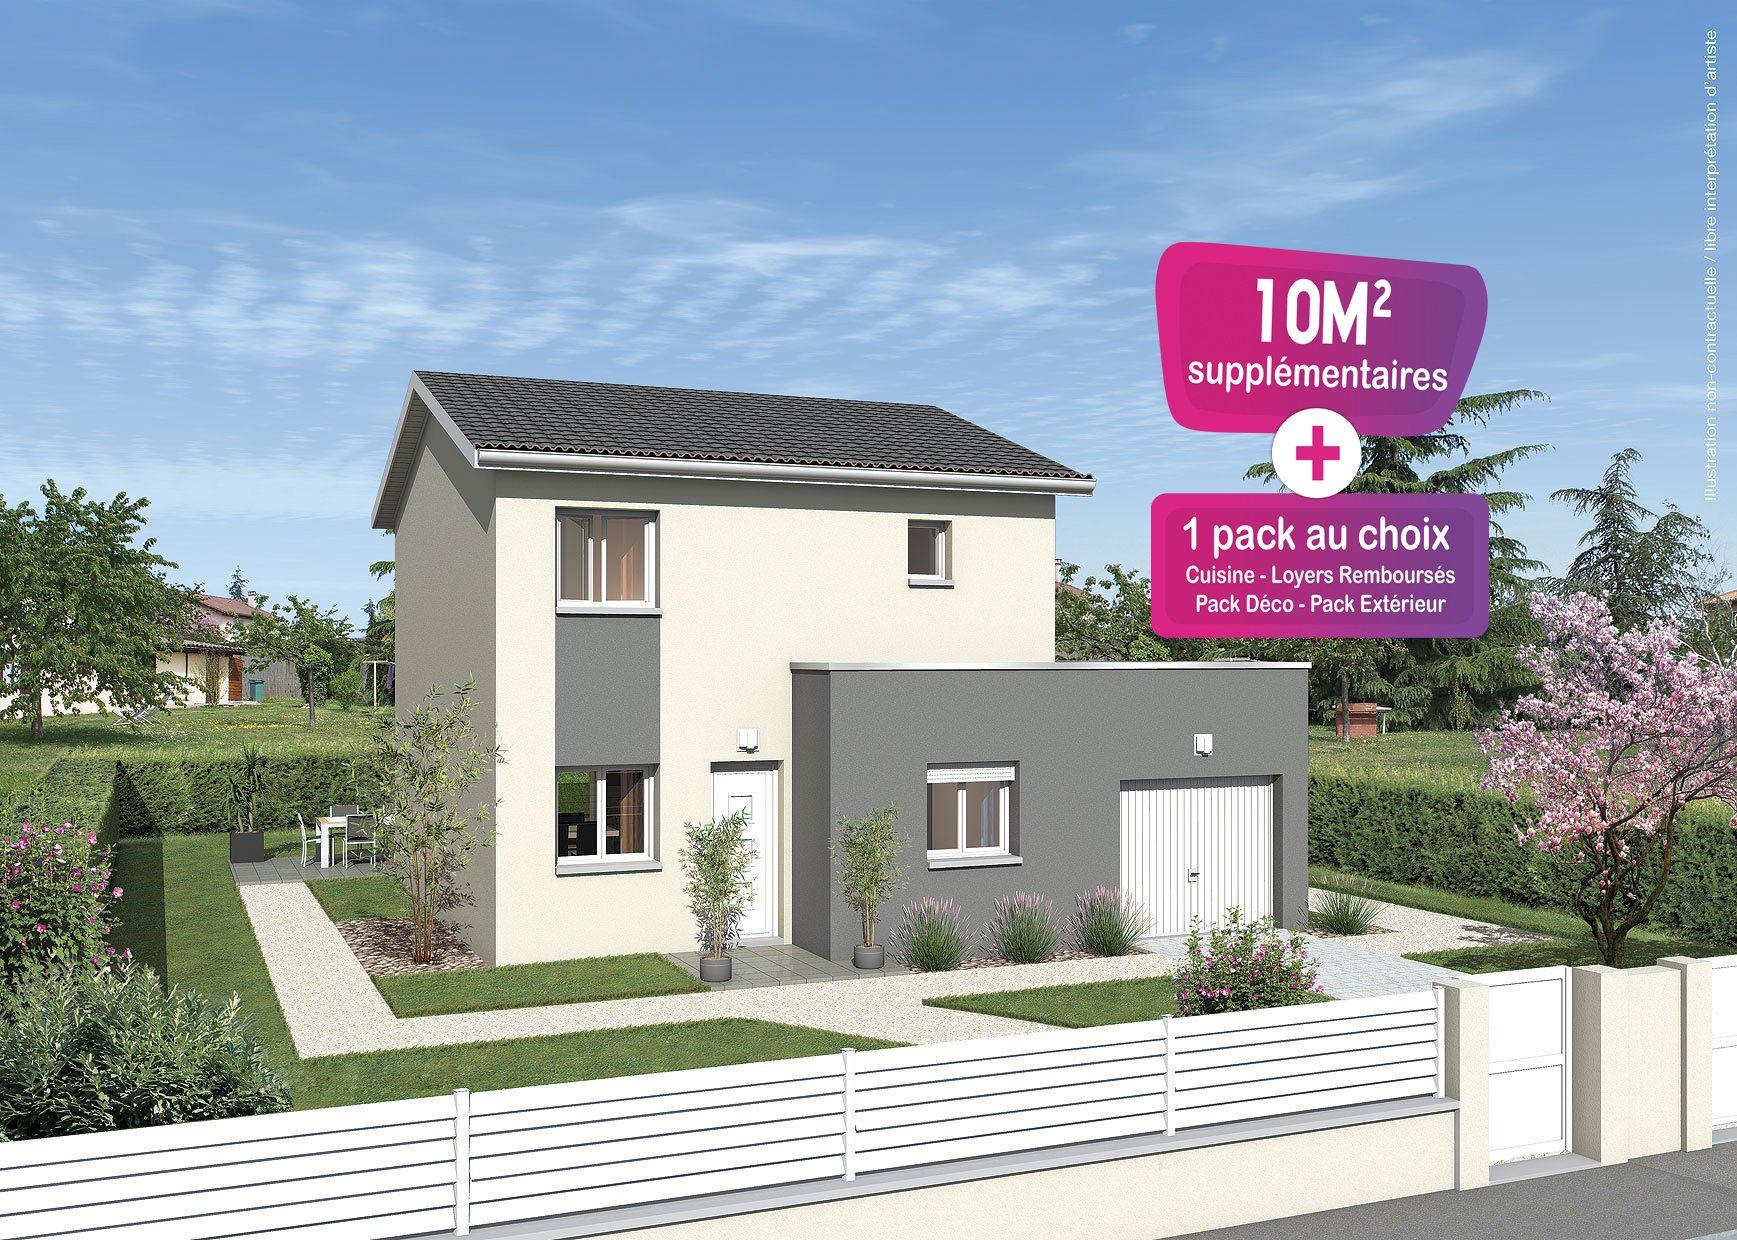 Maisons + Terrains du constructeur MAISONS PUNCH • 91 m² • VERZE